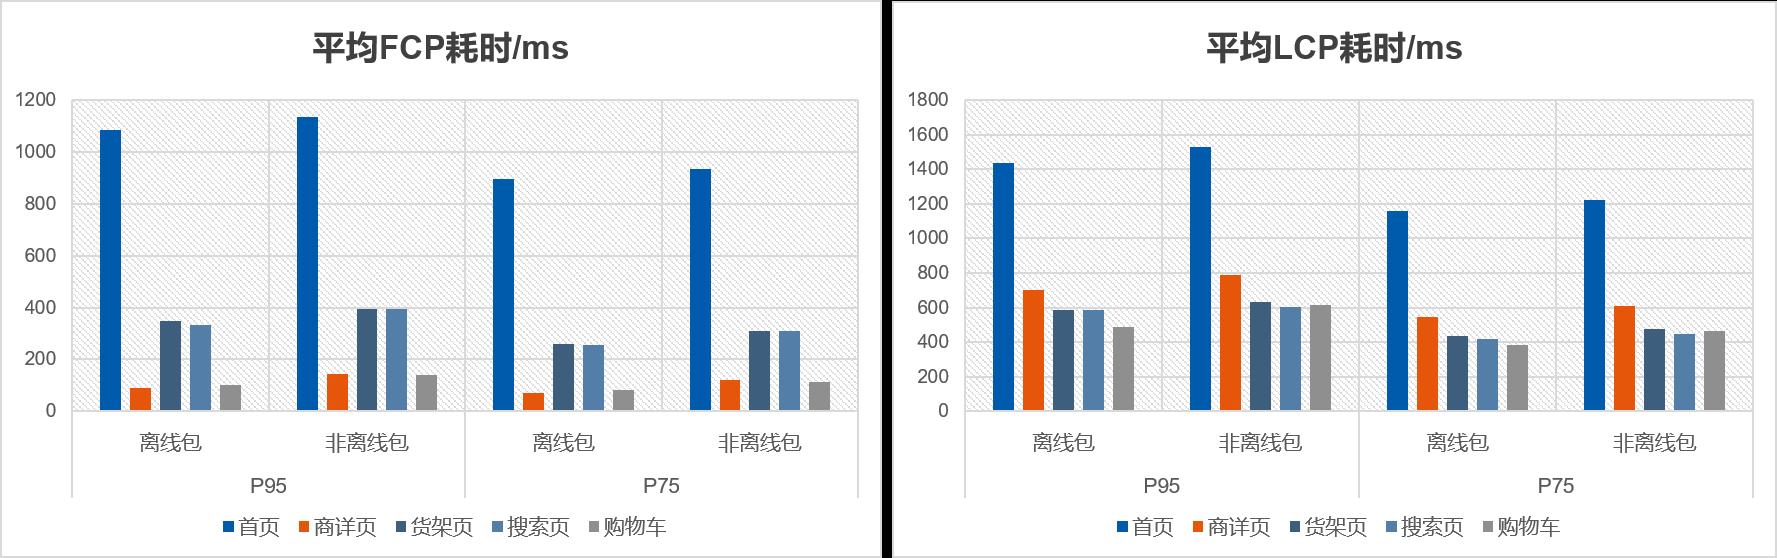 Android端市集主要页面使用离线包的WebVitals指标条形统计图